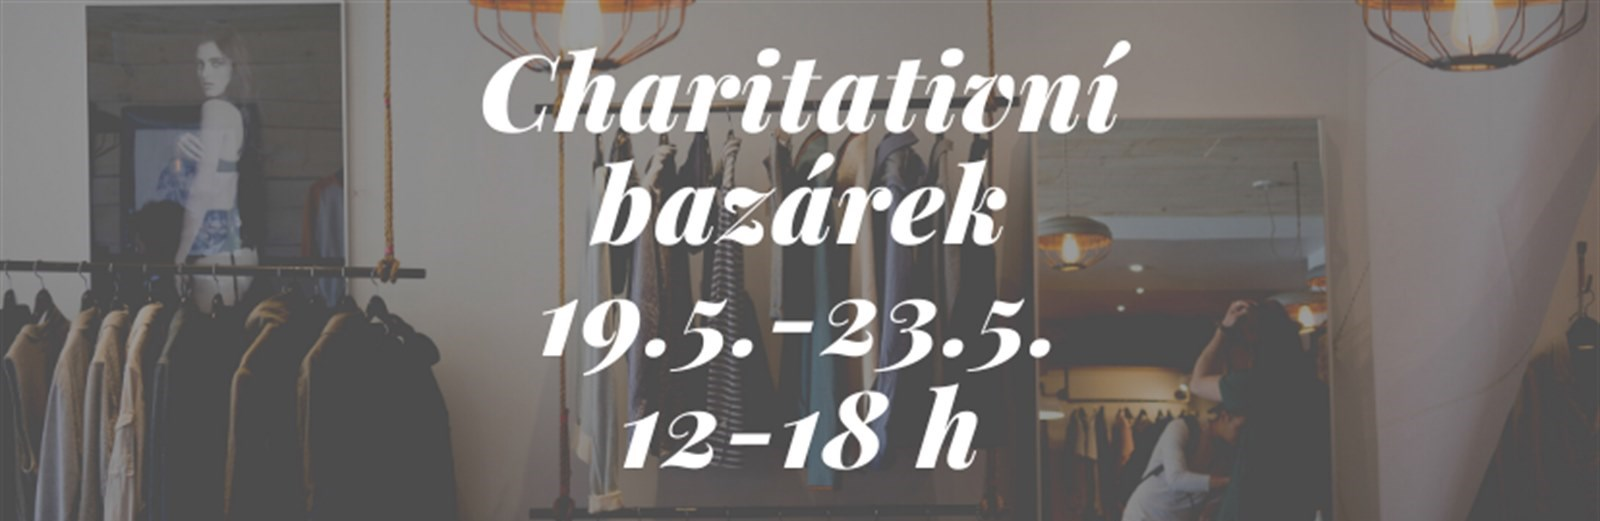 bazarek-19-05-2020.jpg